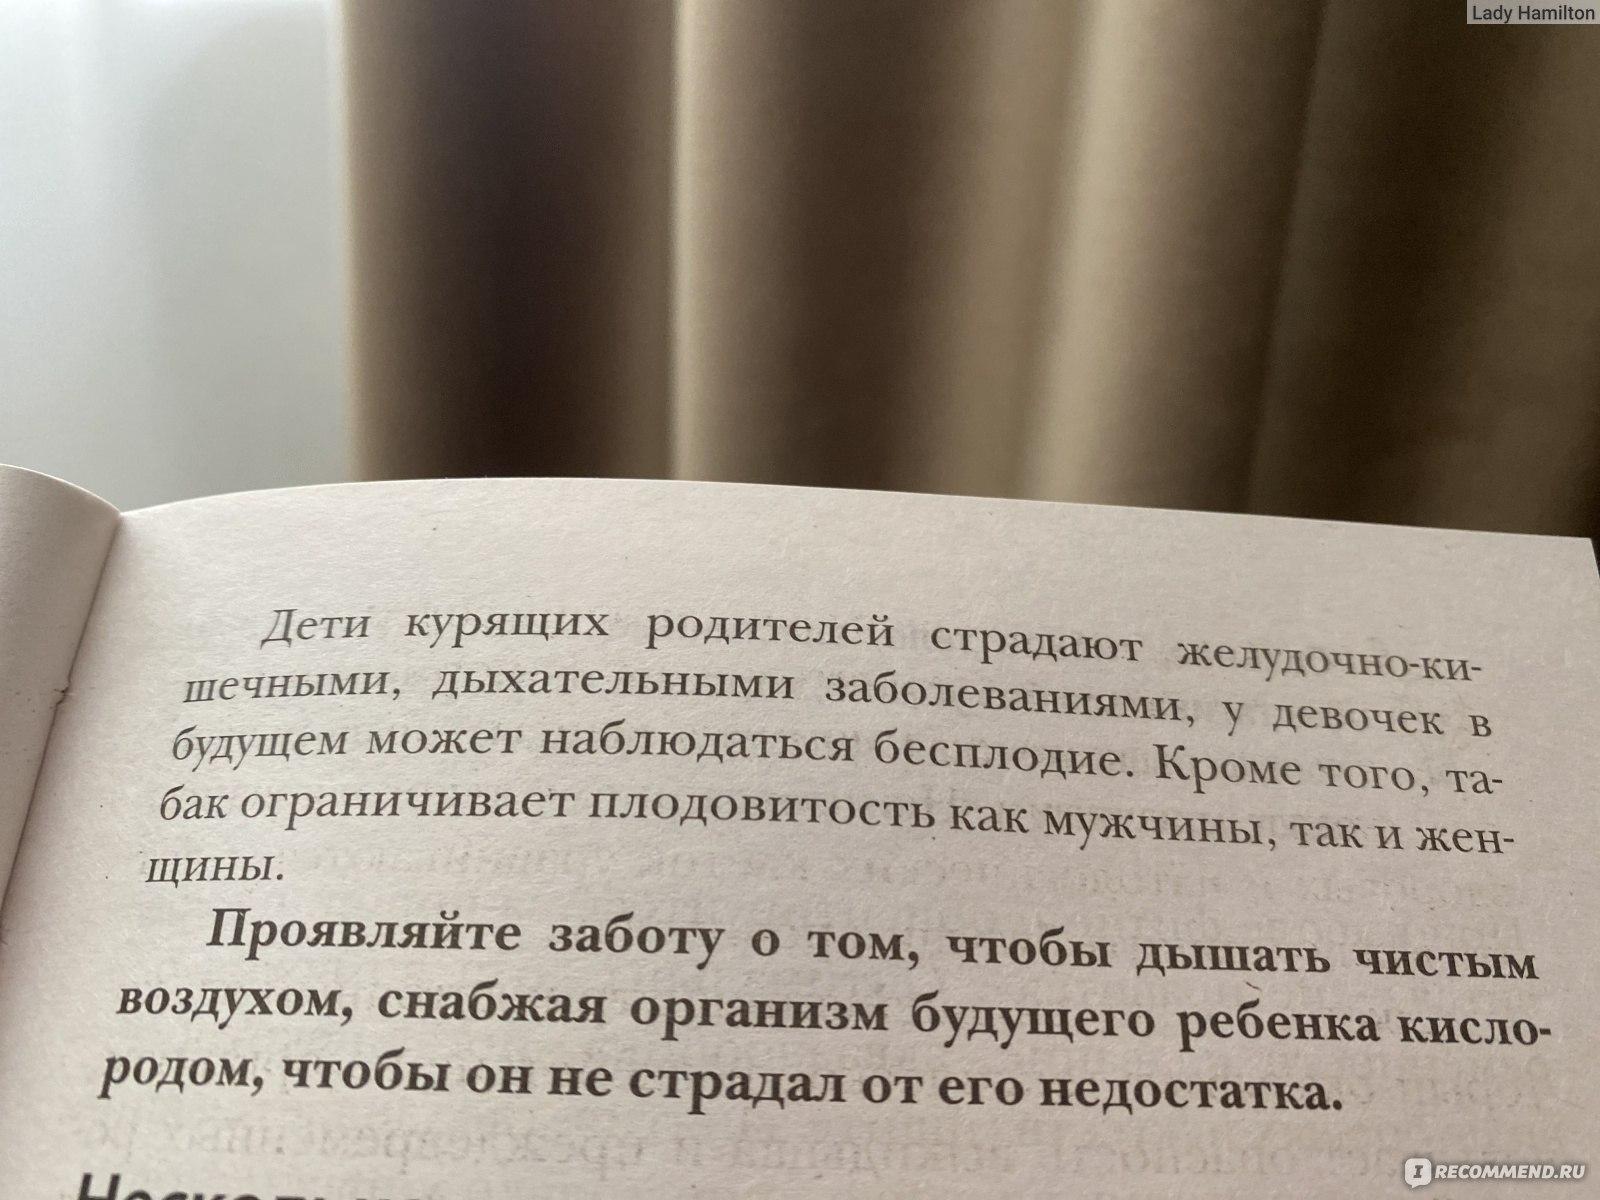 Нет жизненной энергии: что делать? причины, способы восстановления и возвращение жизненного тонуса - psychbook.ru